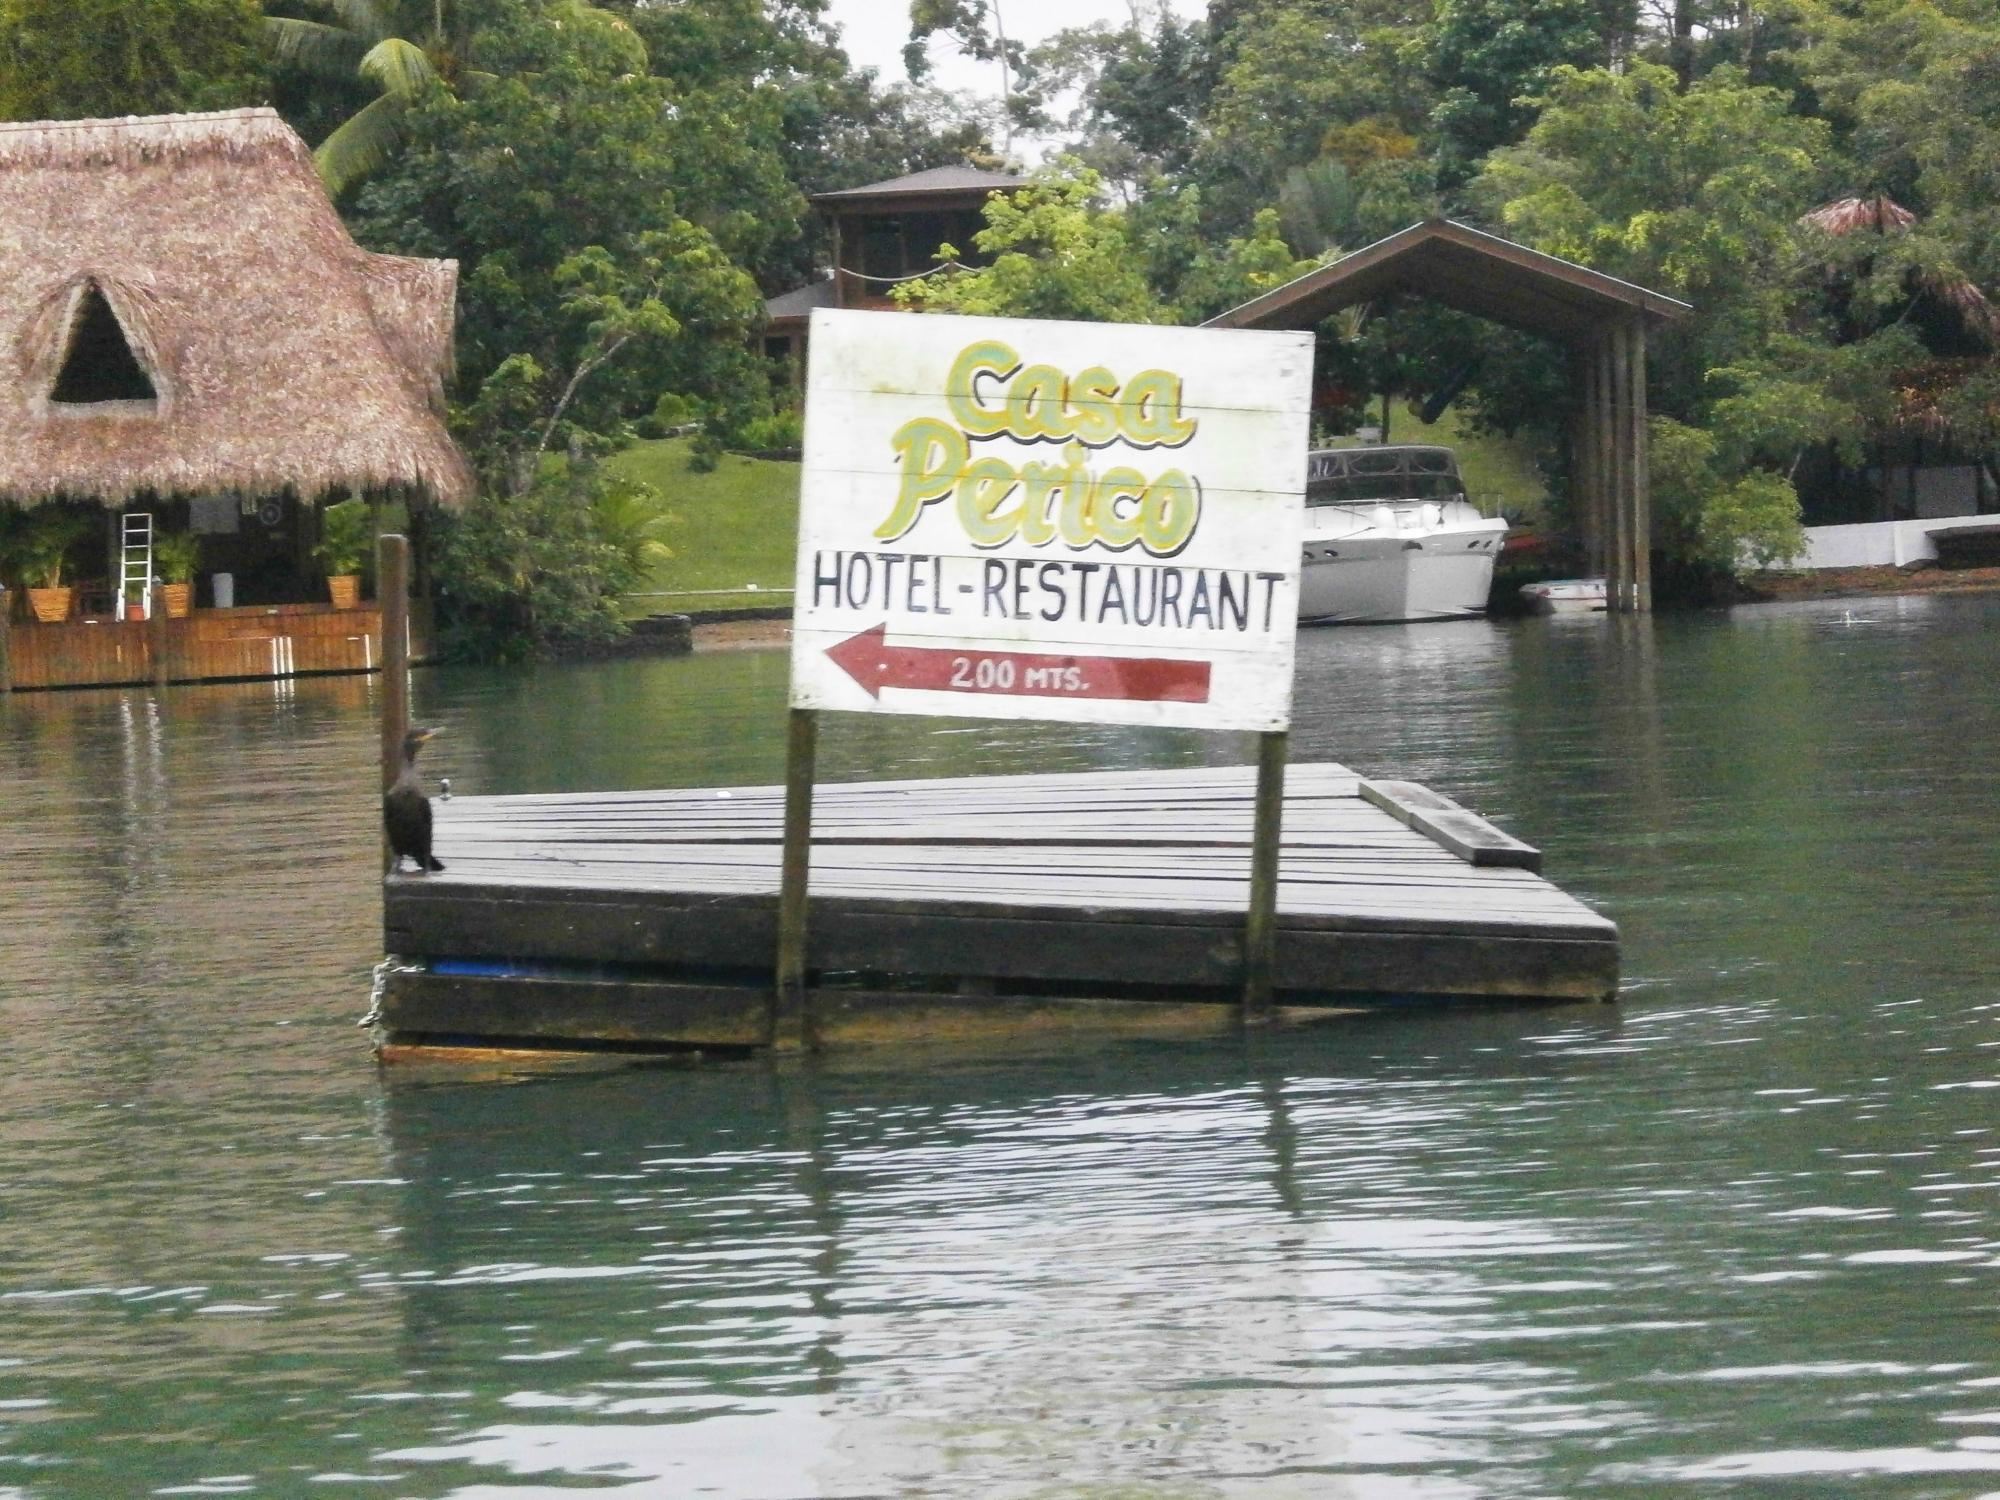 Hotel Casa Perico